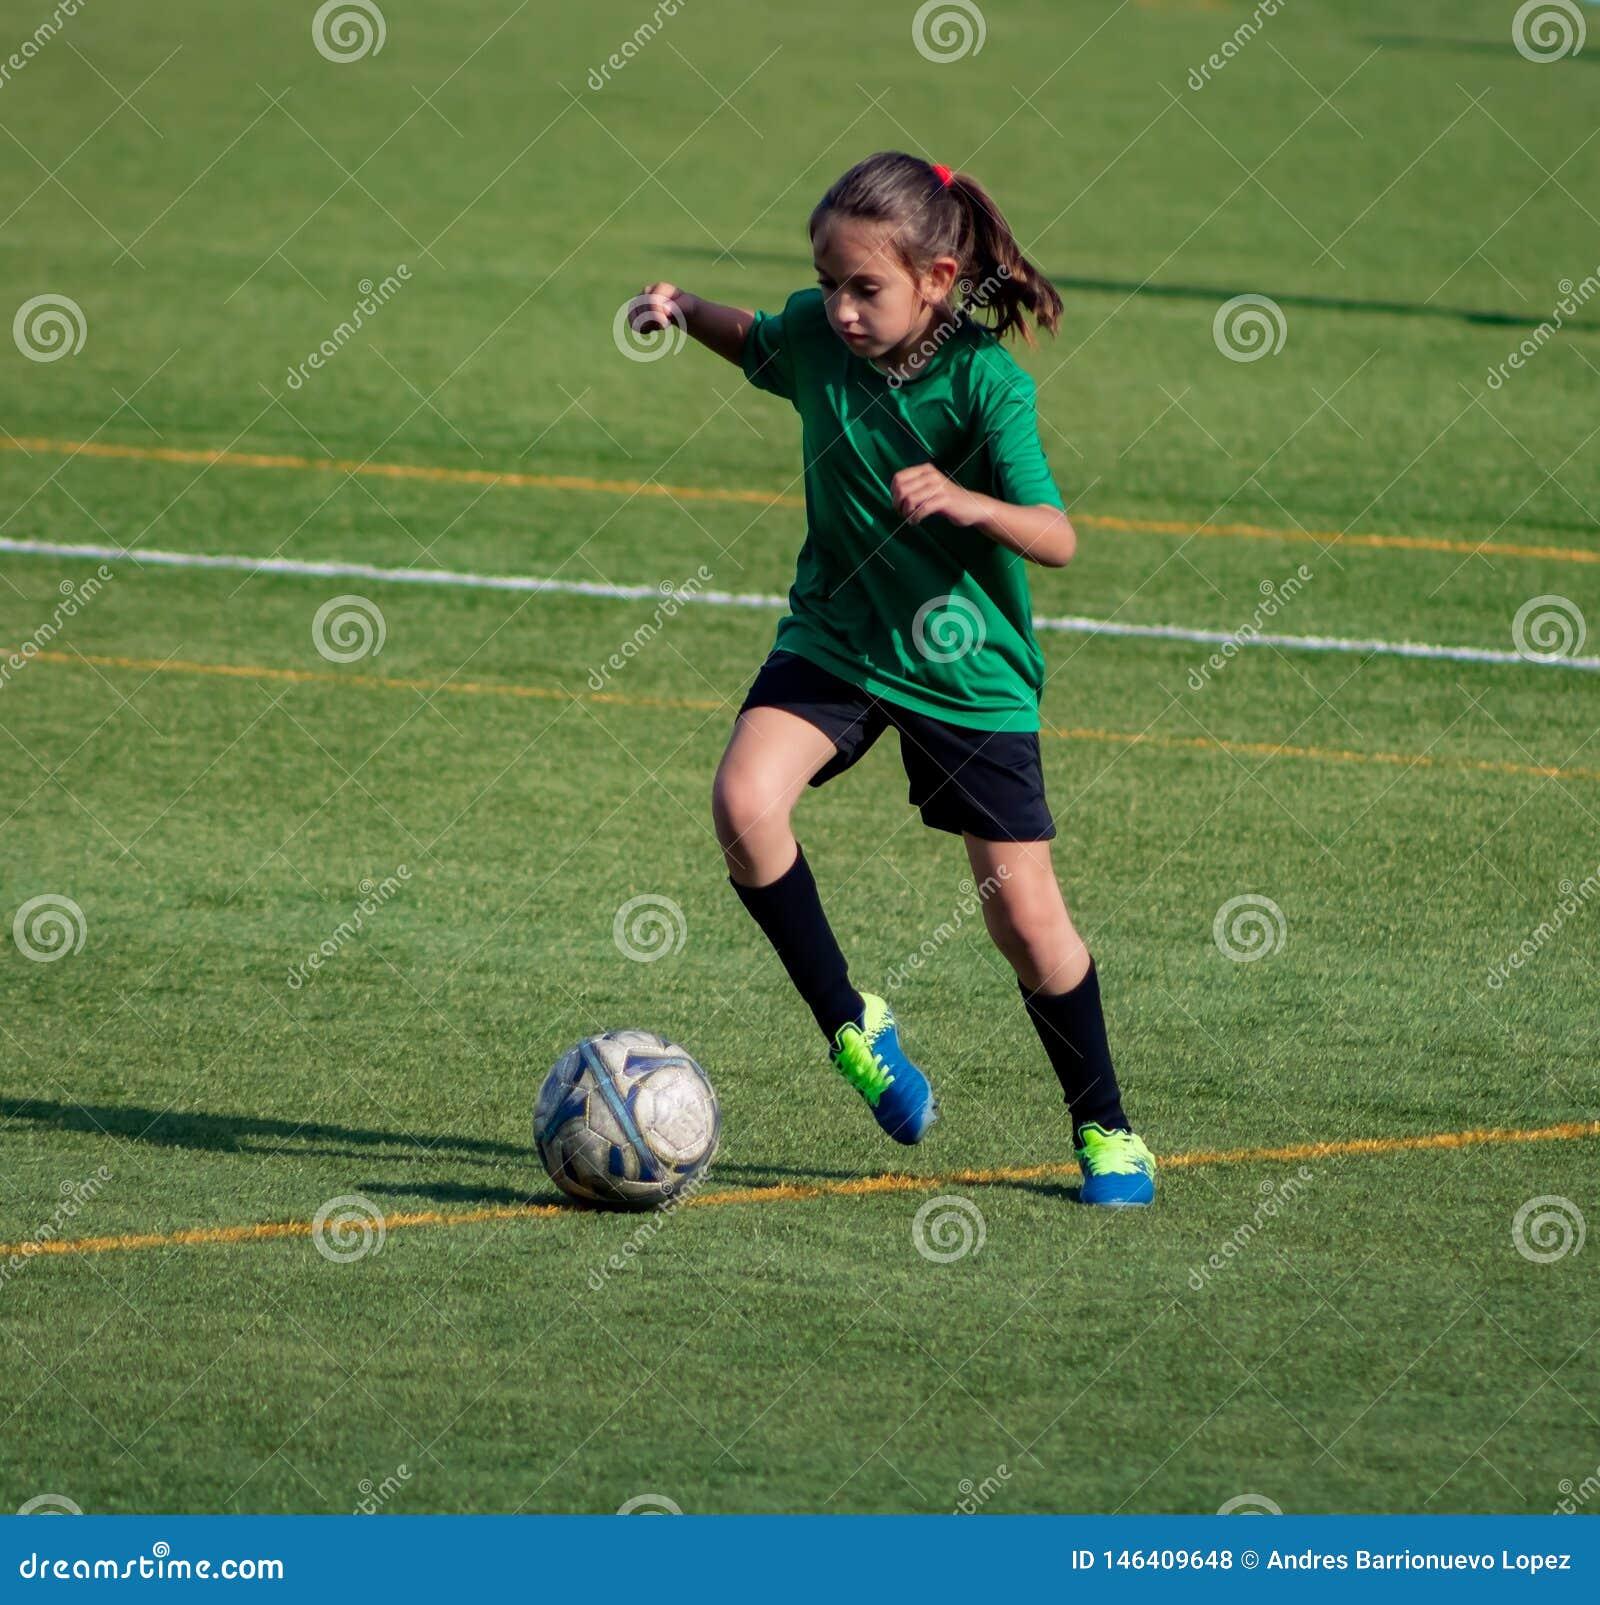 Little girl in a soccer training